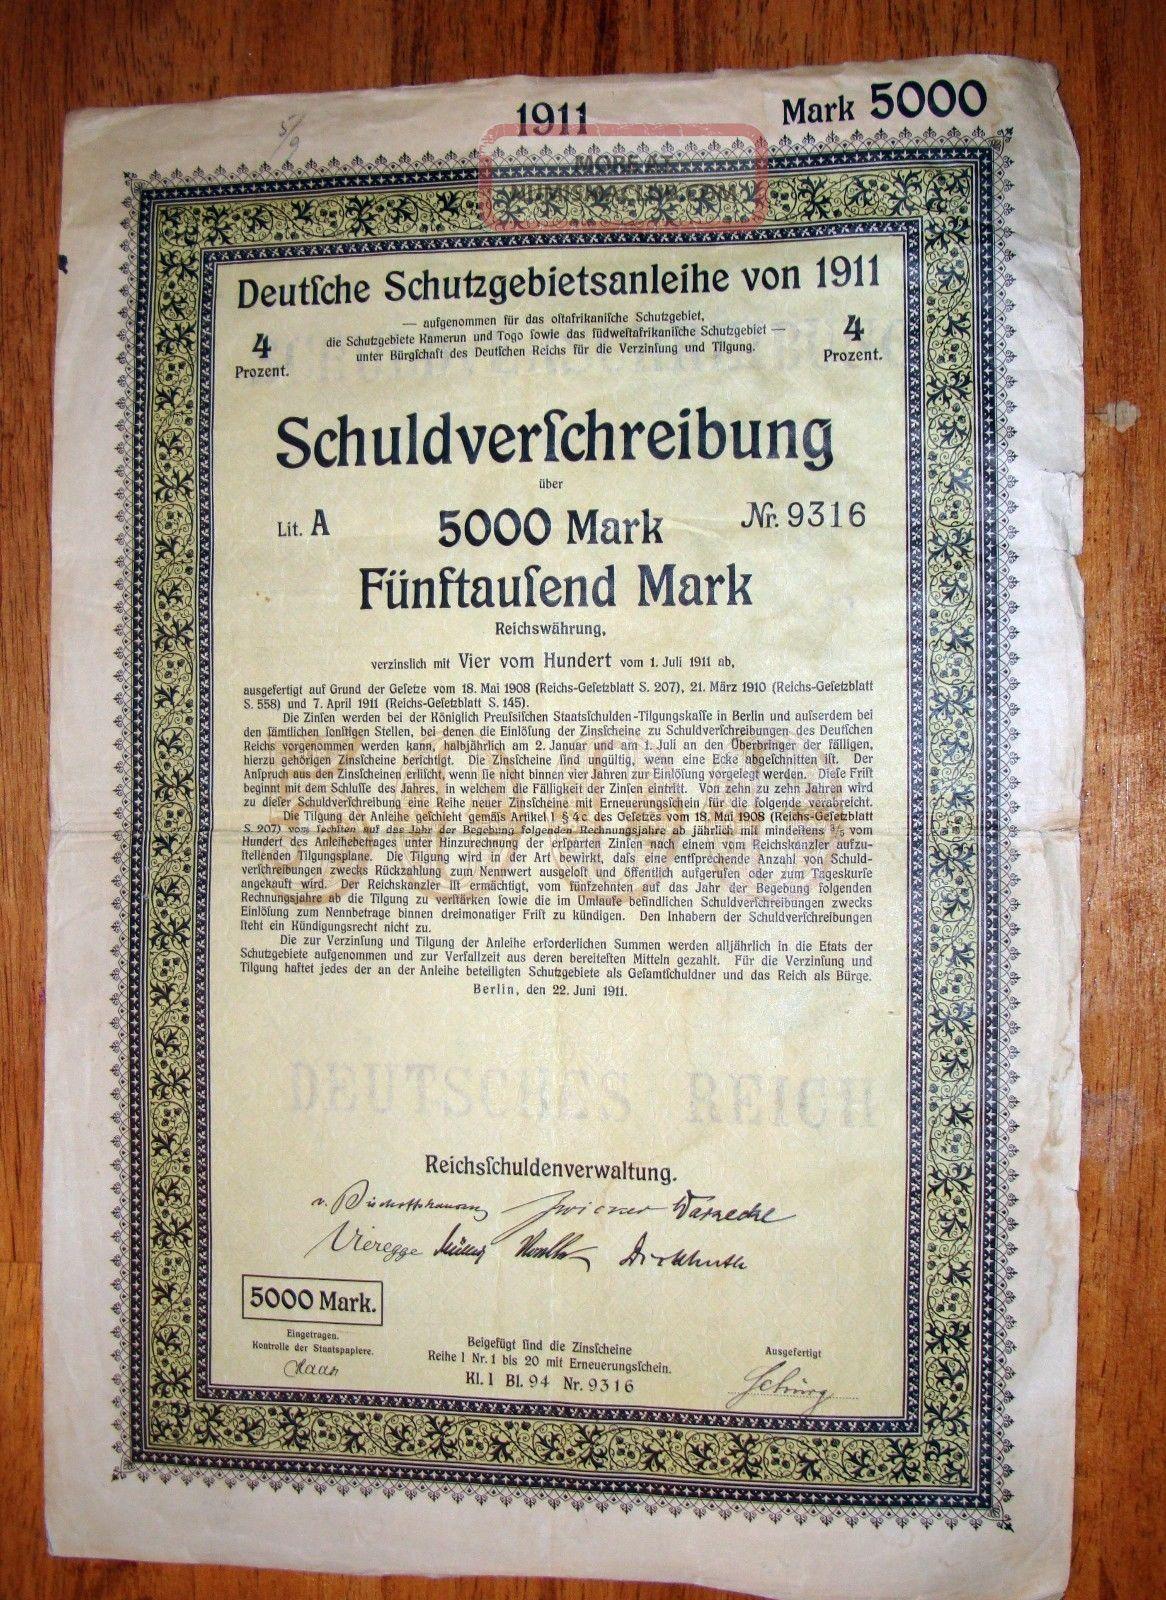 Deutfche Schutzgebietsanleihe Von 1911 5000 Mark Certificate World photo